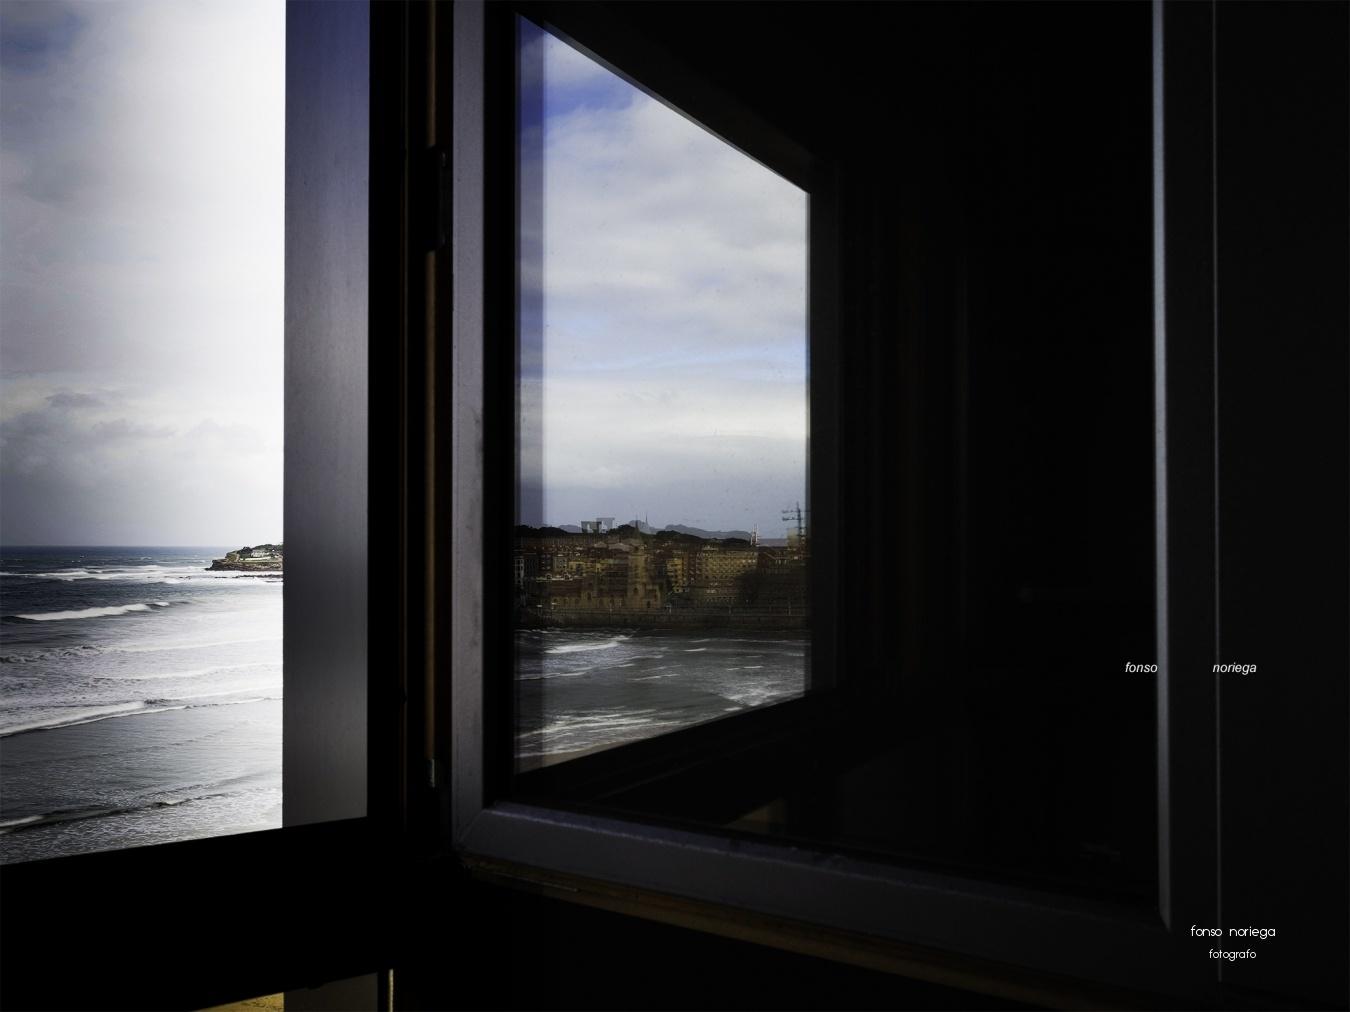 vistas - color - fonso noriega, fotógrafo